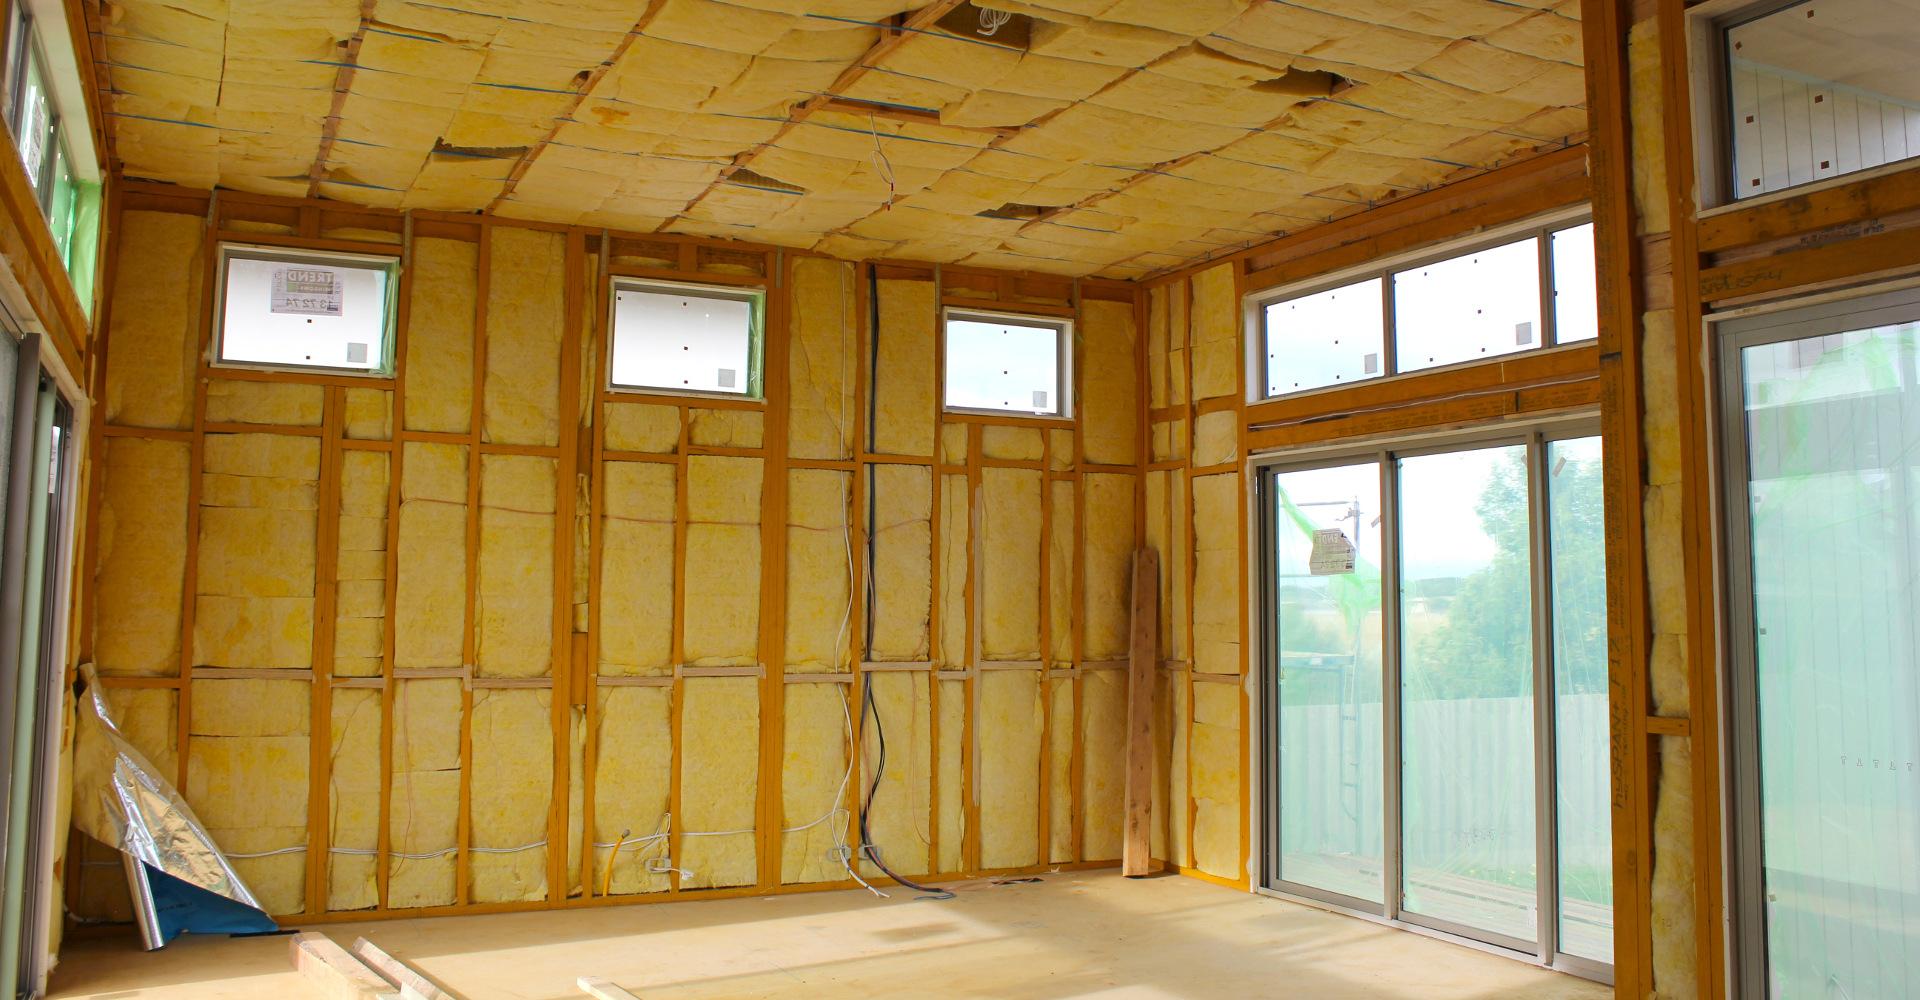 Bespaar kosten met het isoleren van je huis - Amenager een voorgerecht van het huis ...